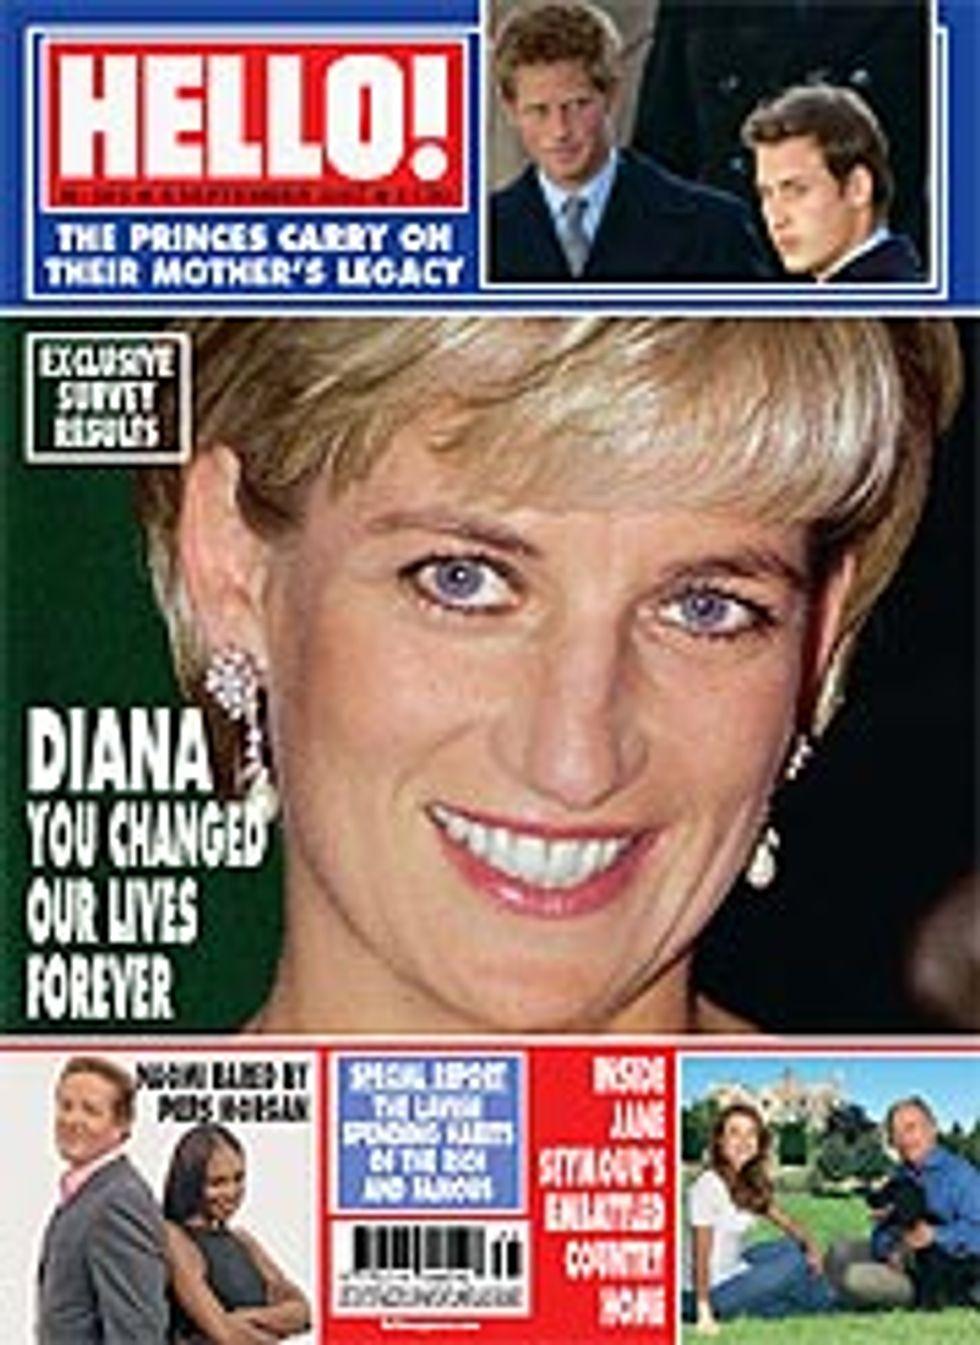 Diana is Still #1 in UK